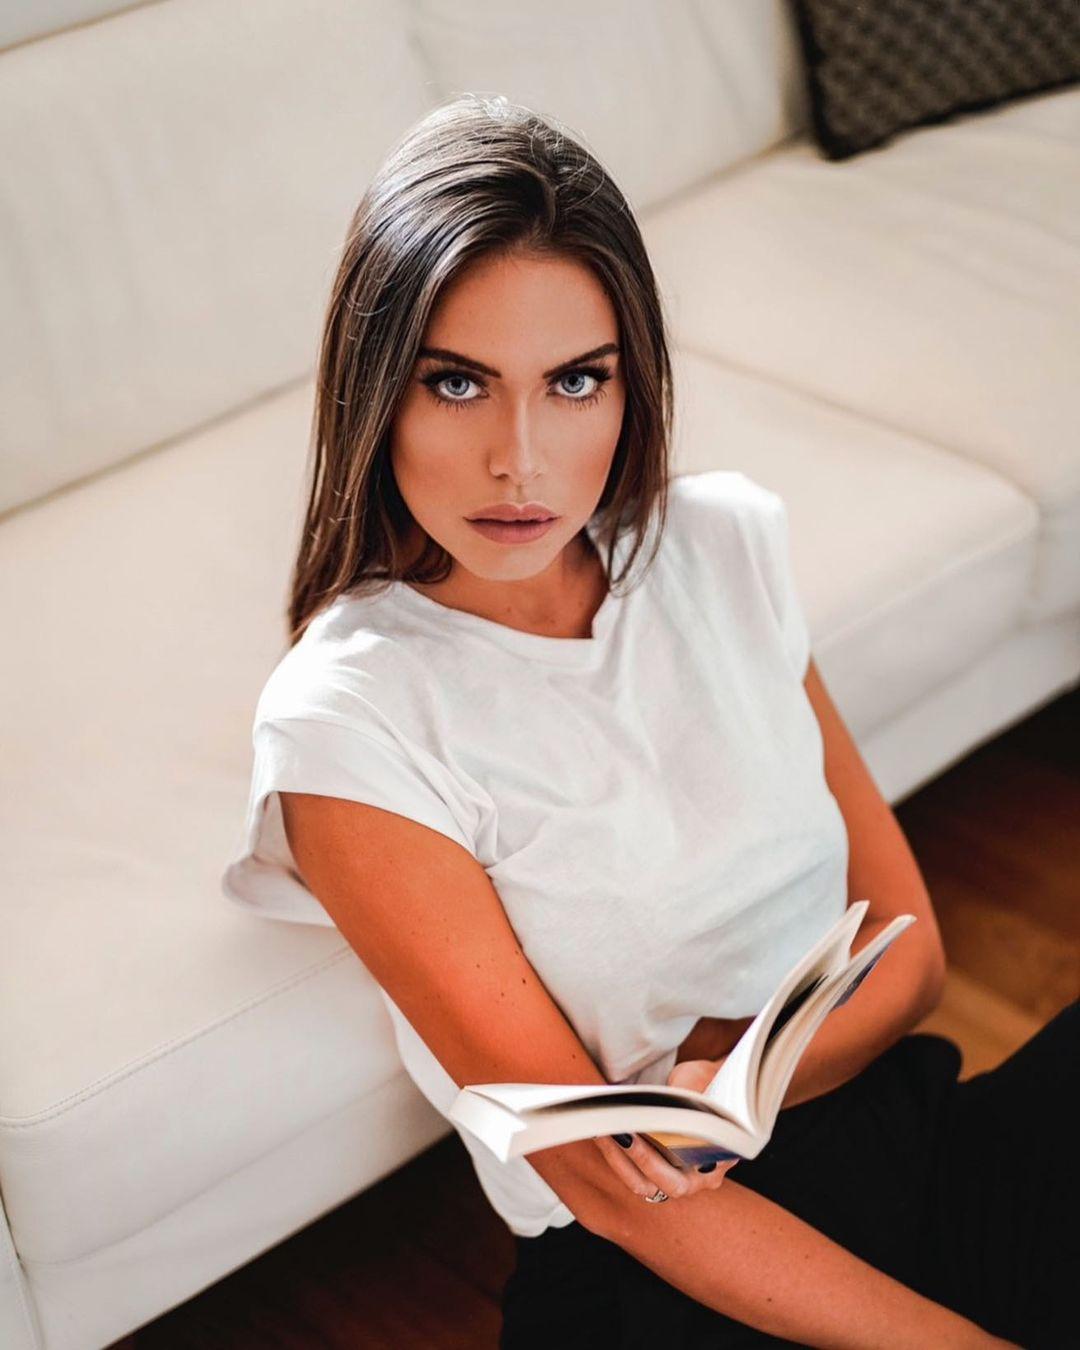 Sara-Riccardi-Wallpapers-Insta-Fit-Bio-3